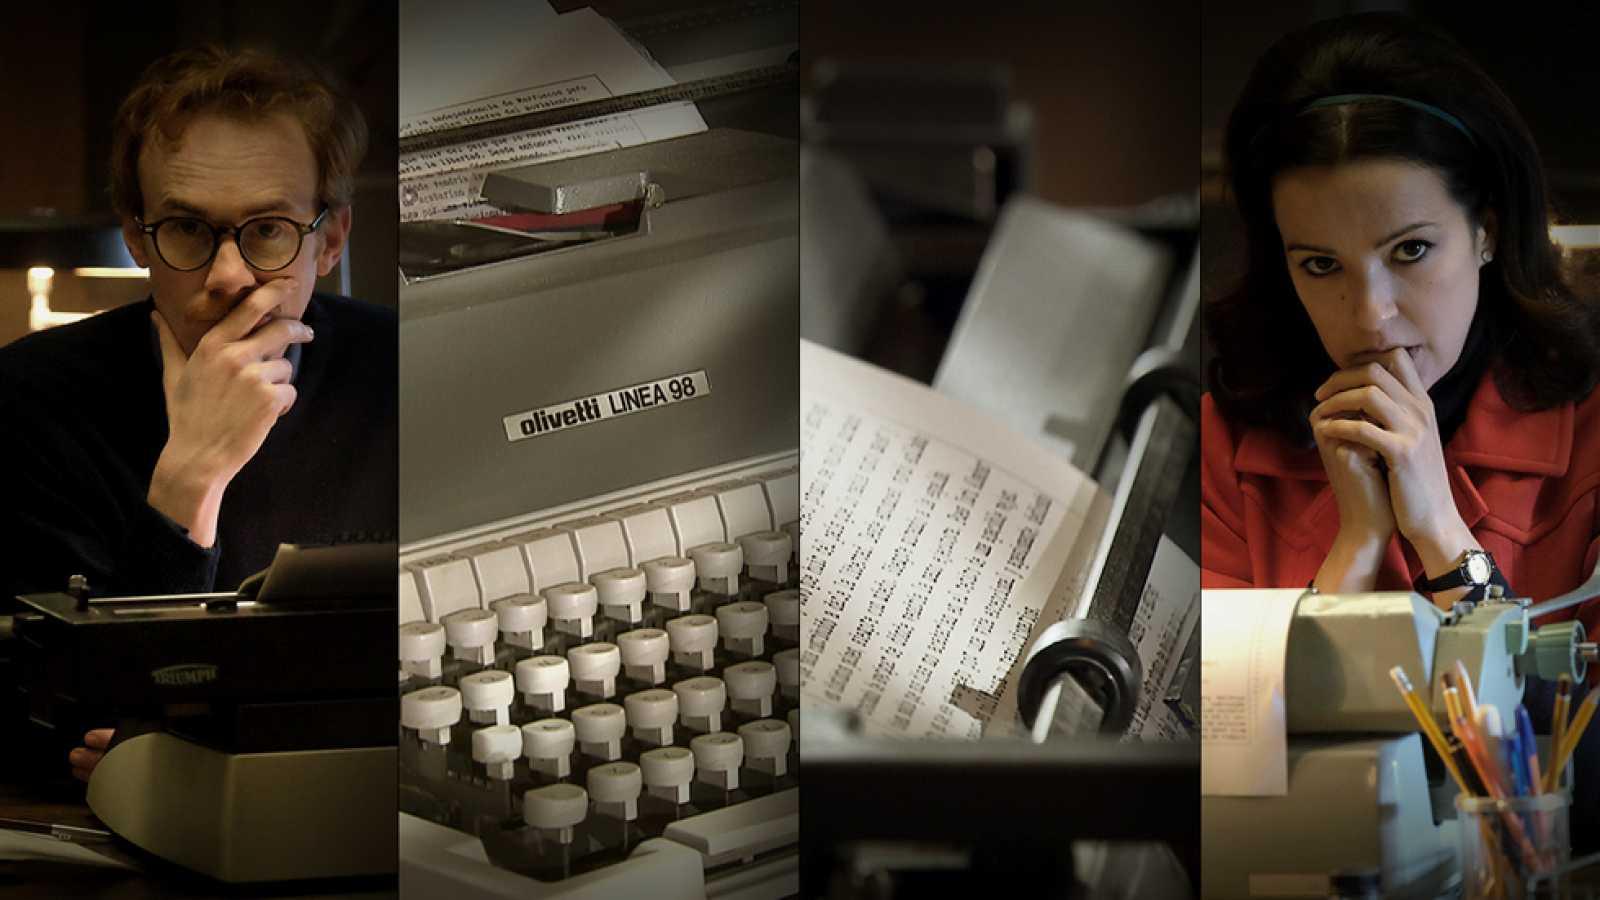 Resultado de imagen para personas soñando la maquina de escribir